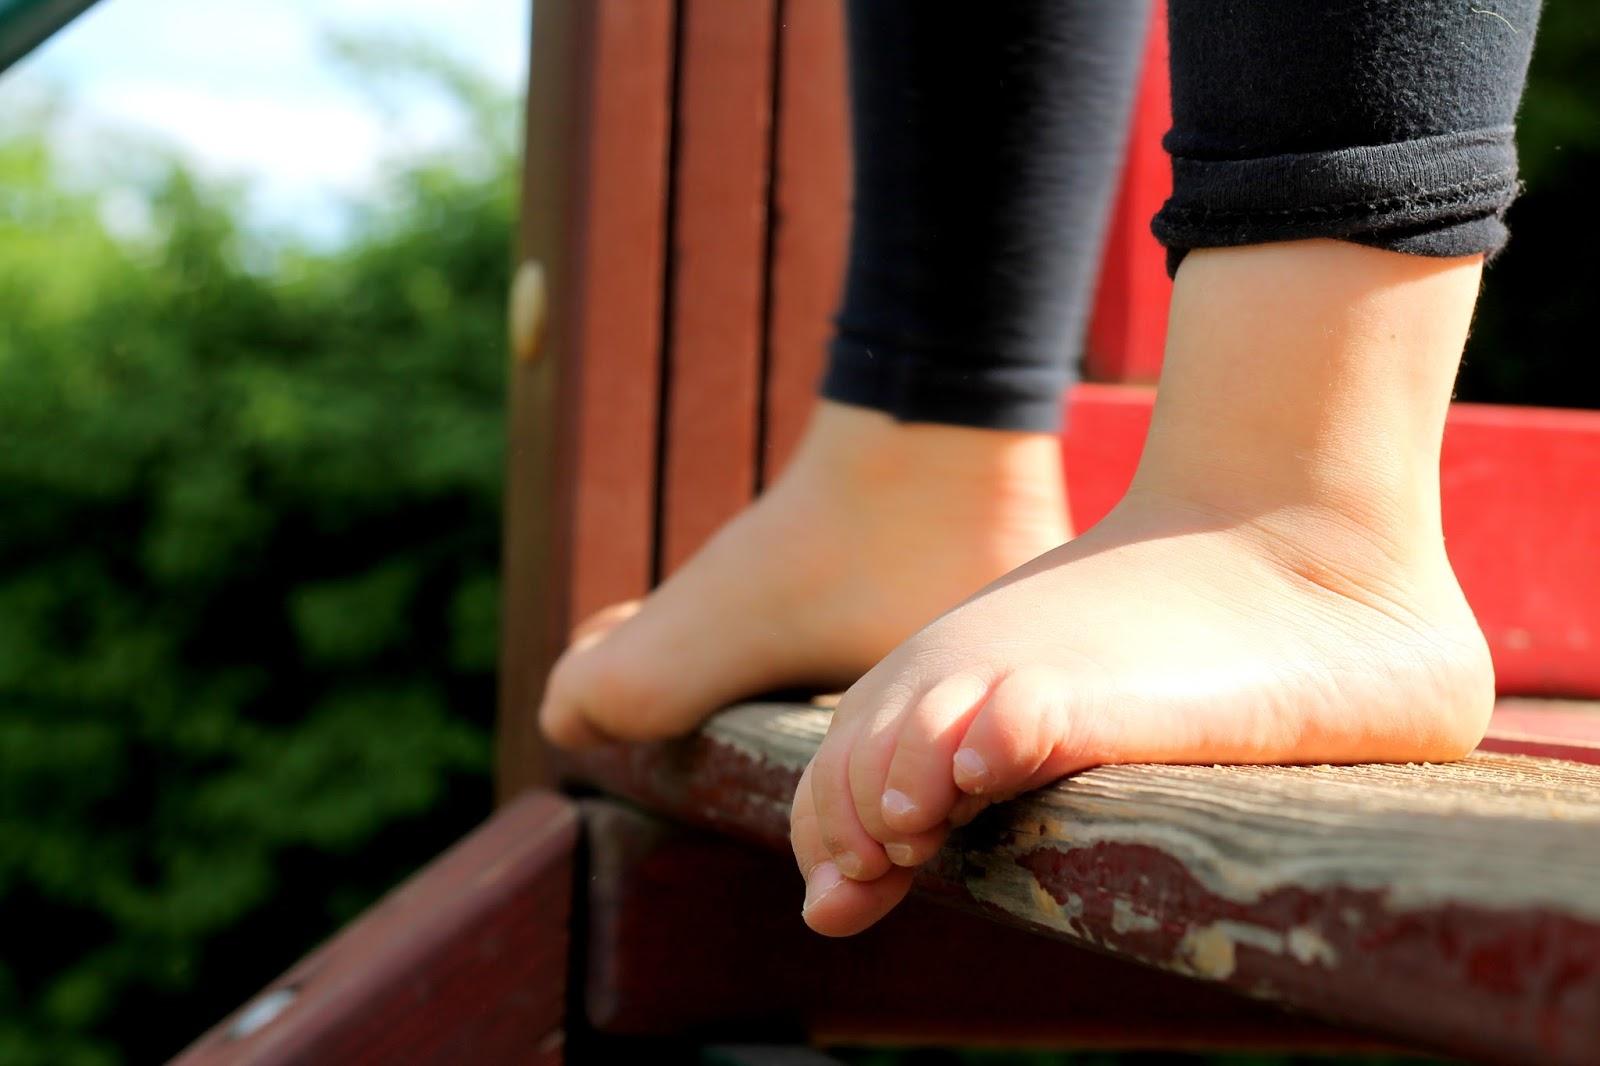 336ce8e5bdc4 Zajímavá je noha v chůzi po schodech